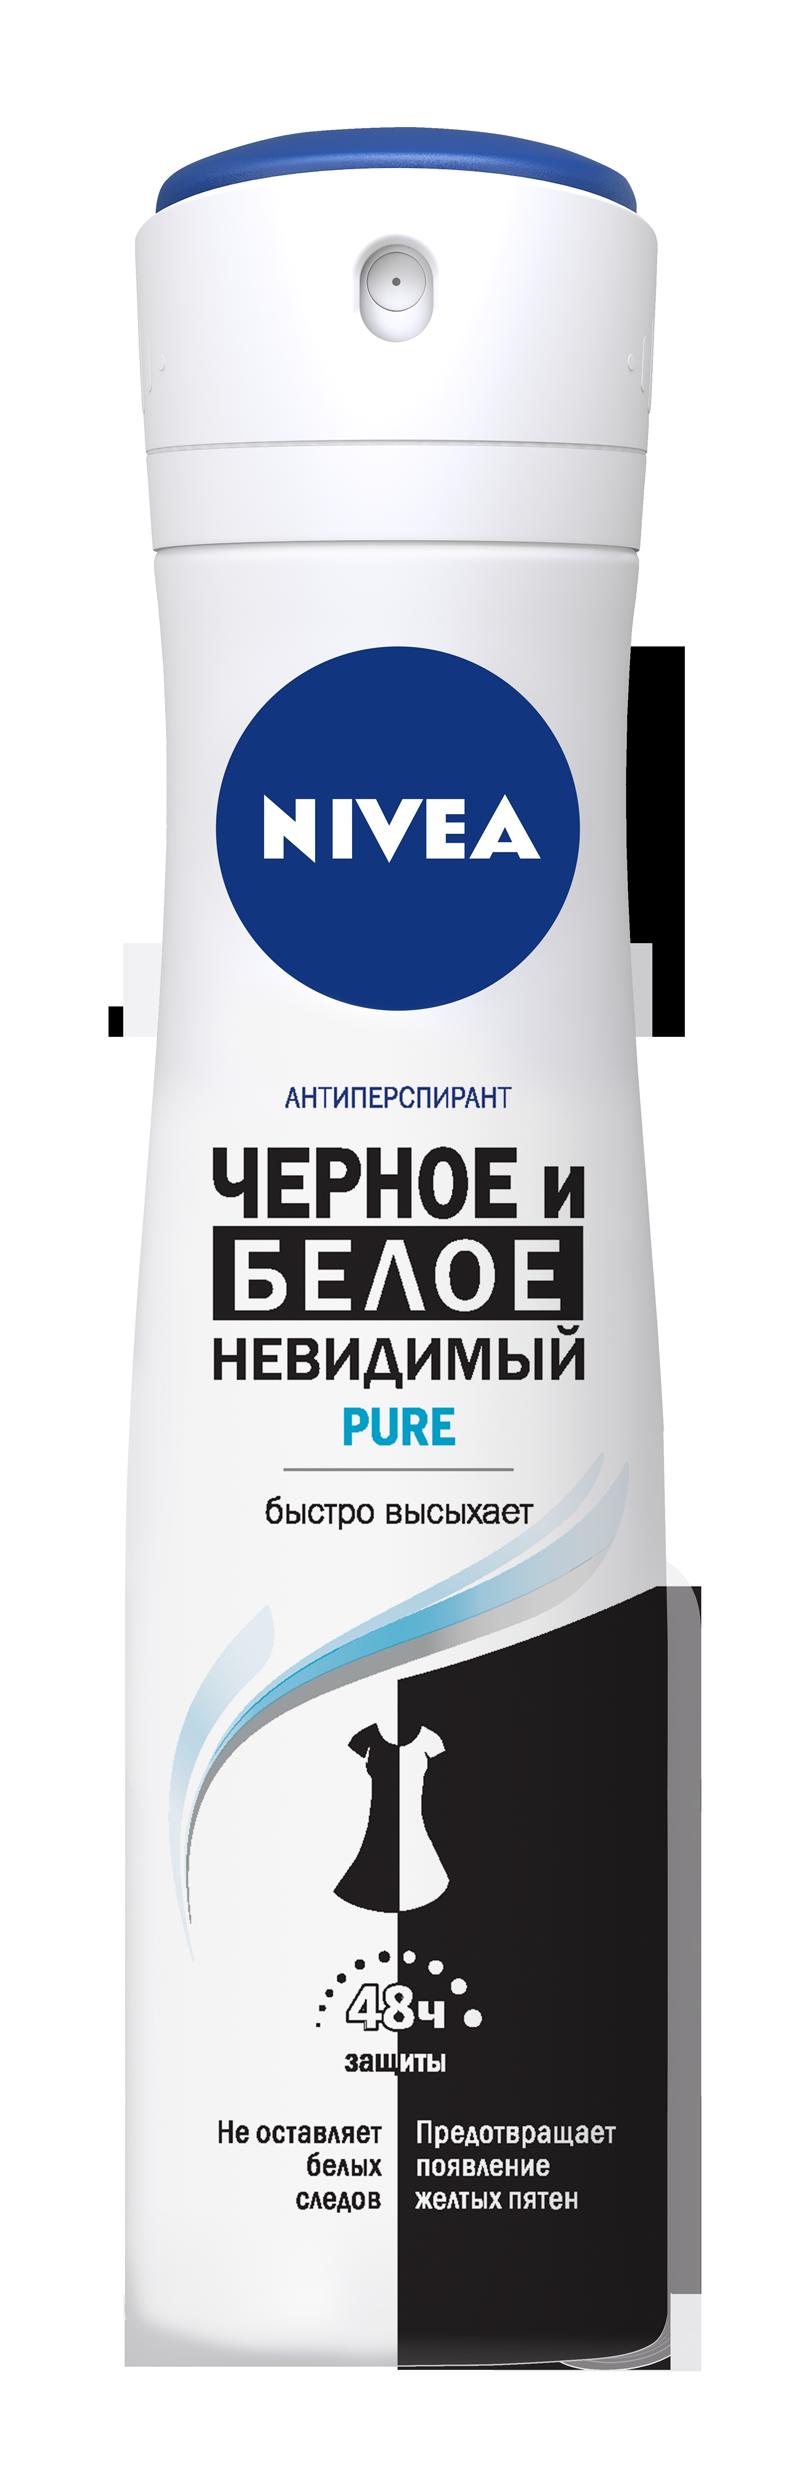 Купить Антиперспирант Nivea Пьюр Невидимая защита для черного и белого 150 мл, невидимая защита для черного и белого 150 мл